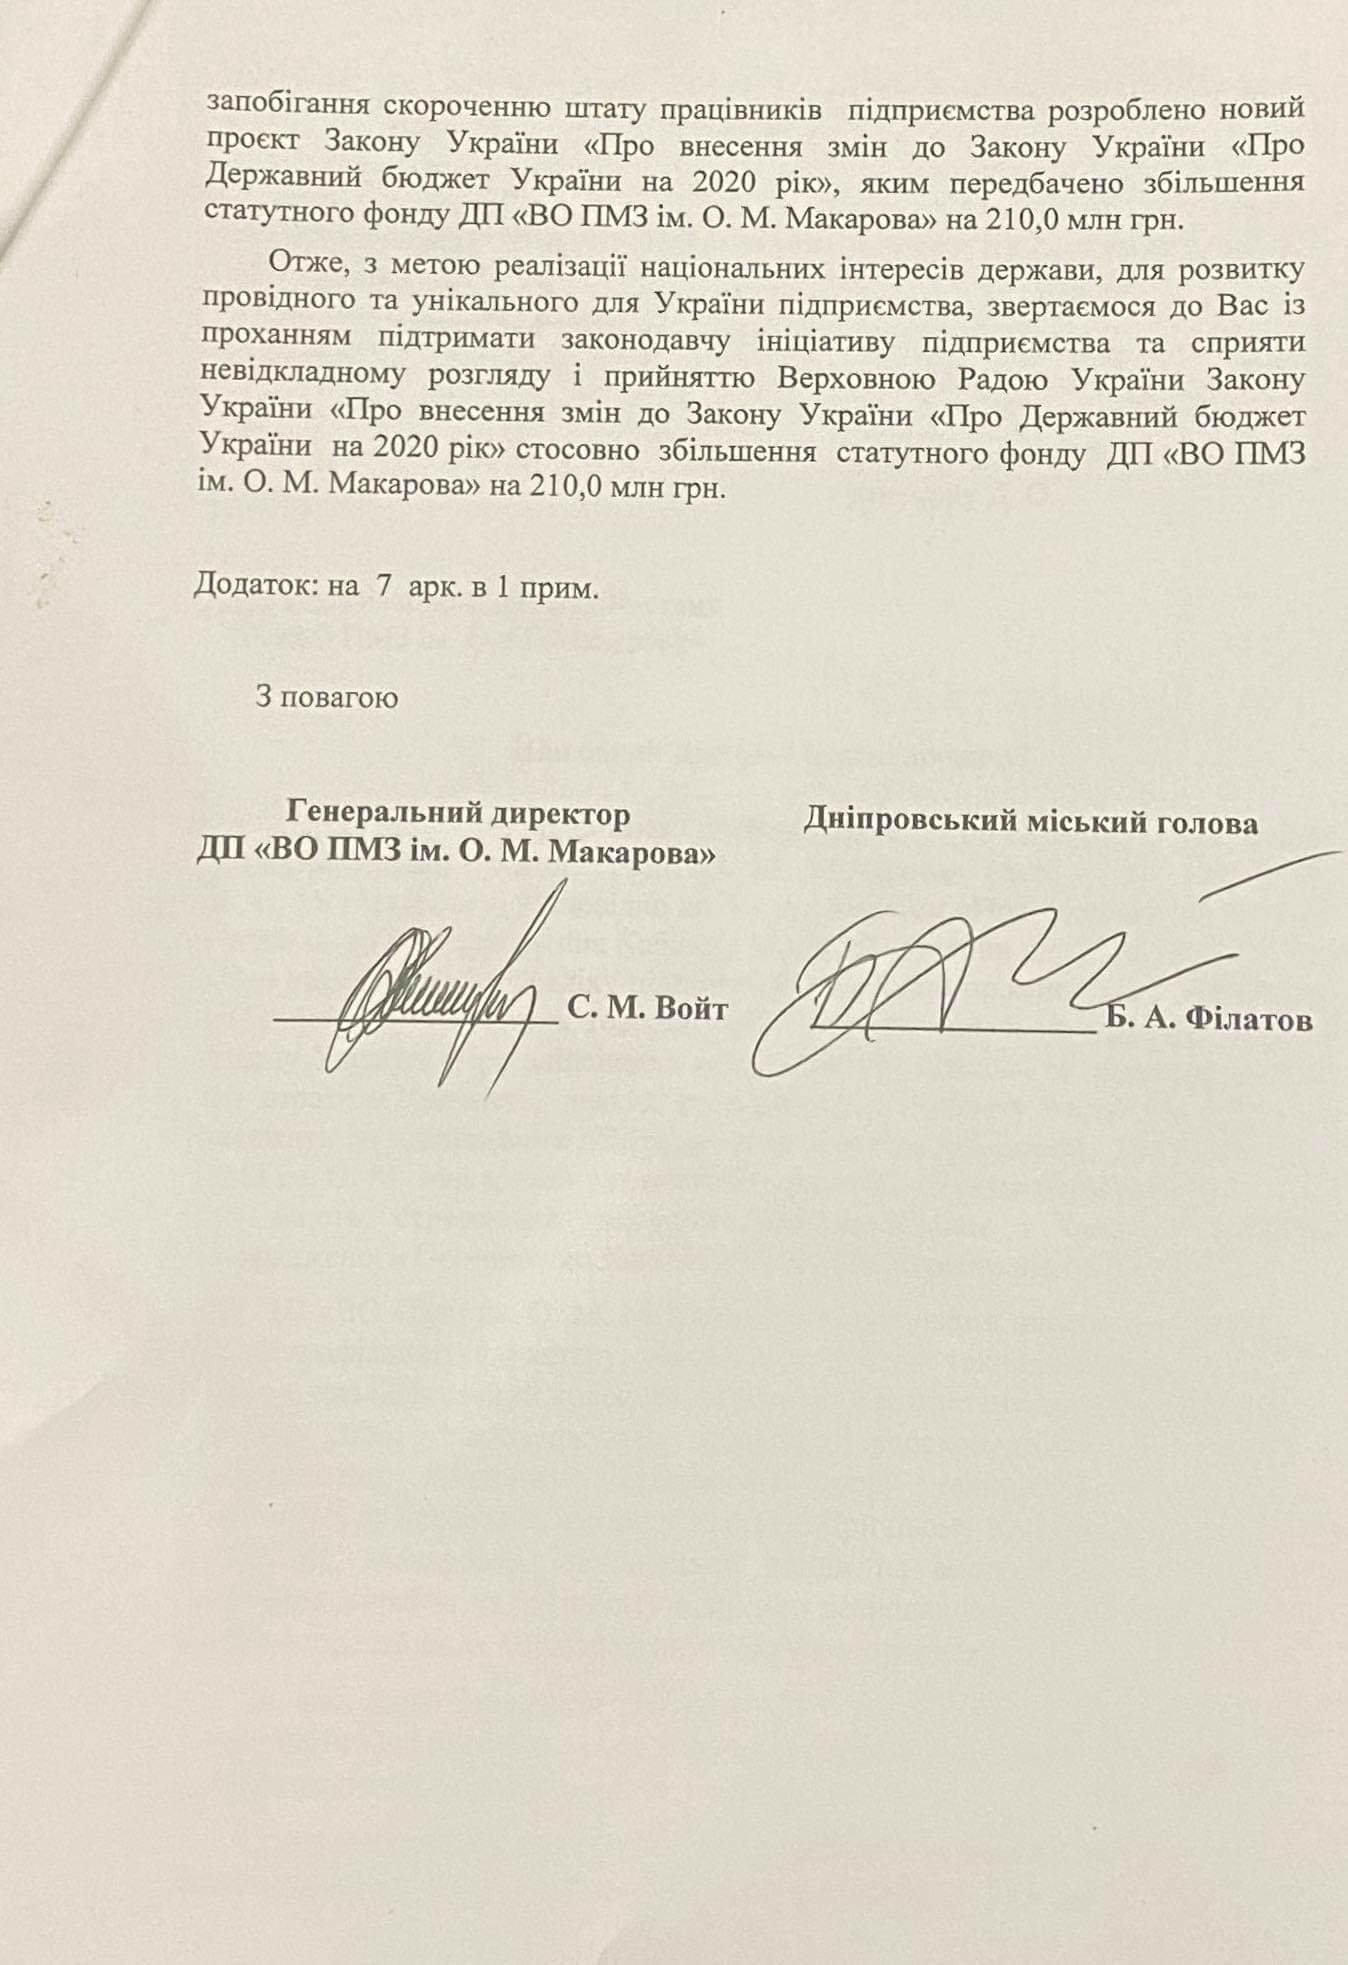 Мэр Днепра Филатов и руководитель «Южмаша» Войт обратились в парламент о выделении предприятию еще 210 млн. грн., фото-4